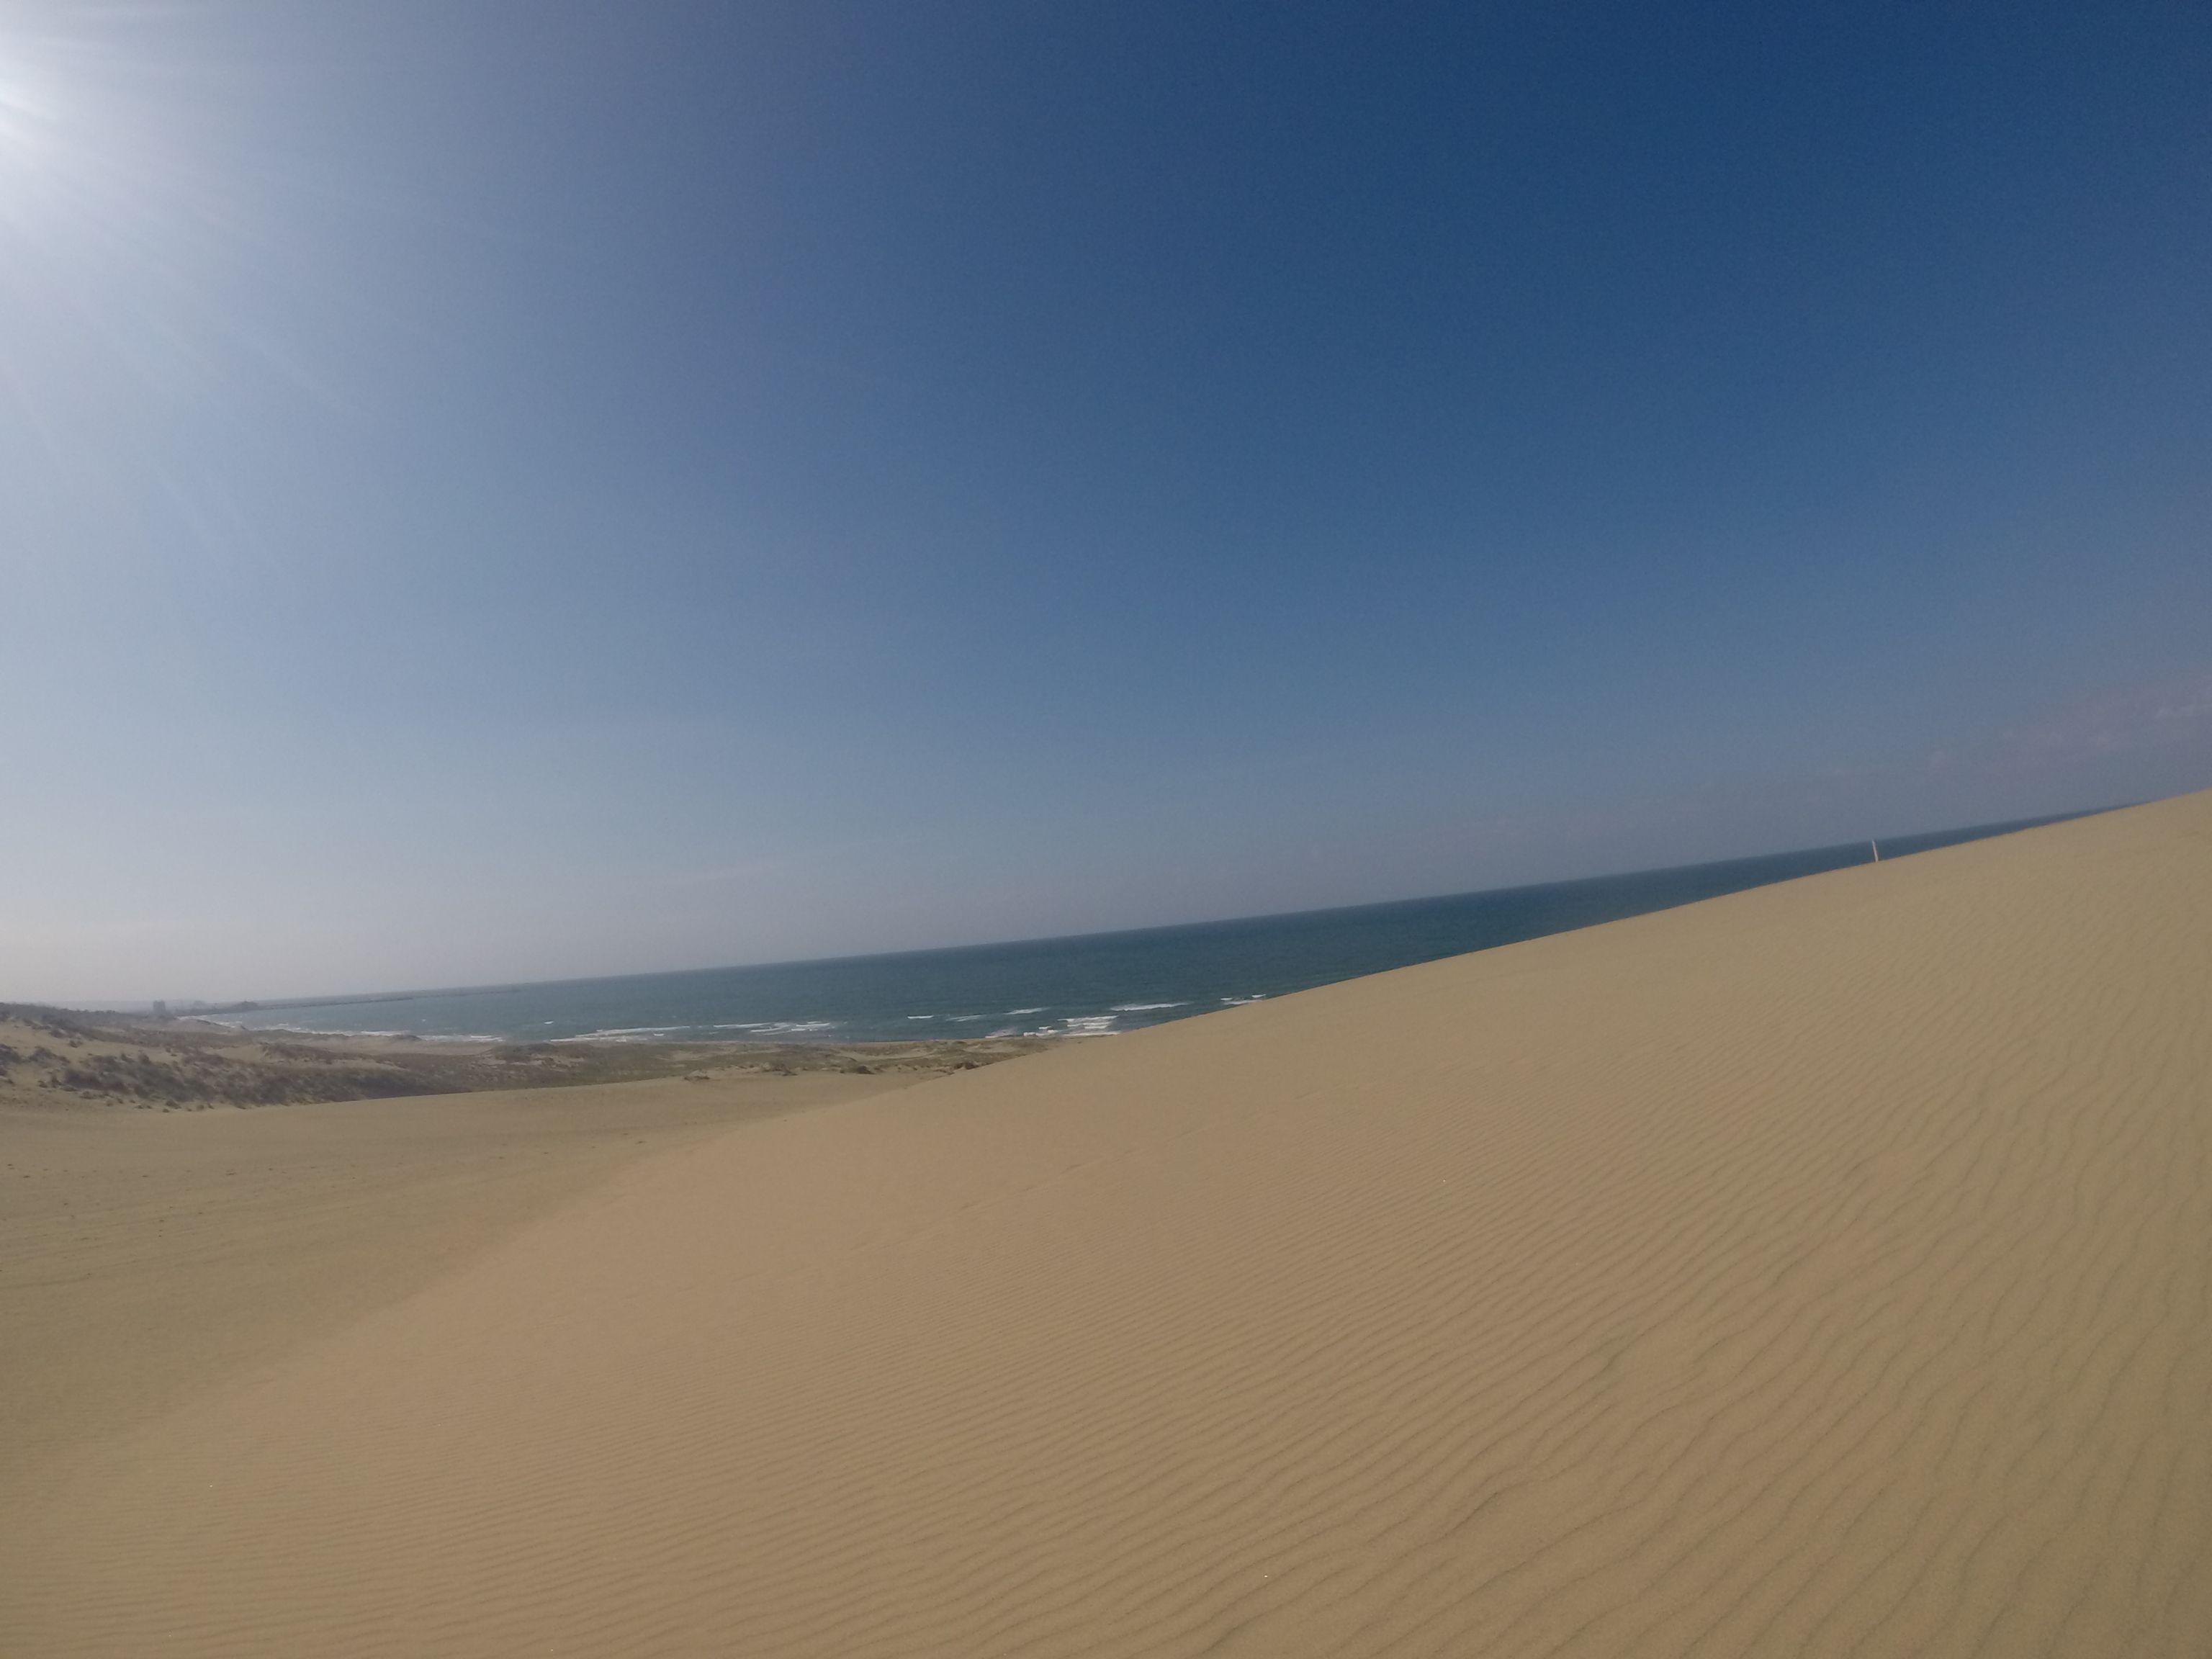 青空いっぱいの鳥取砂丘